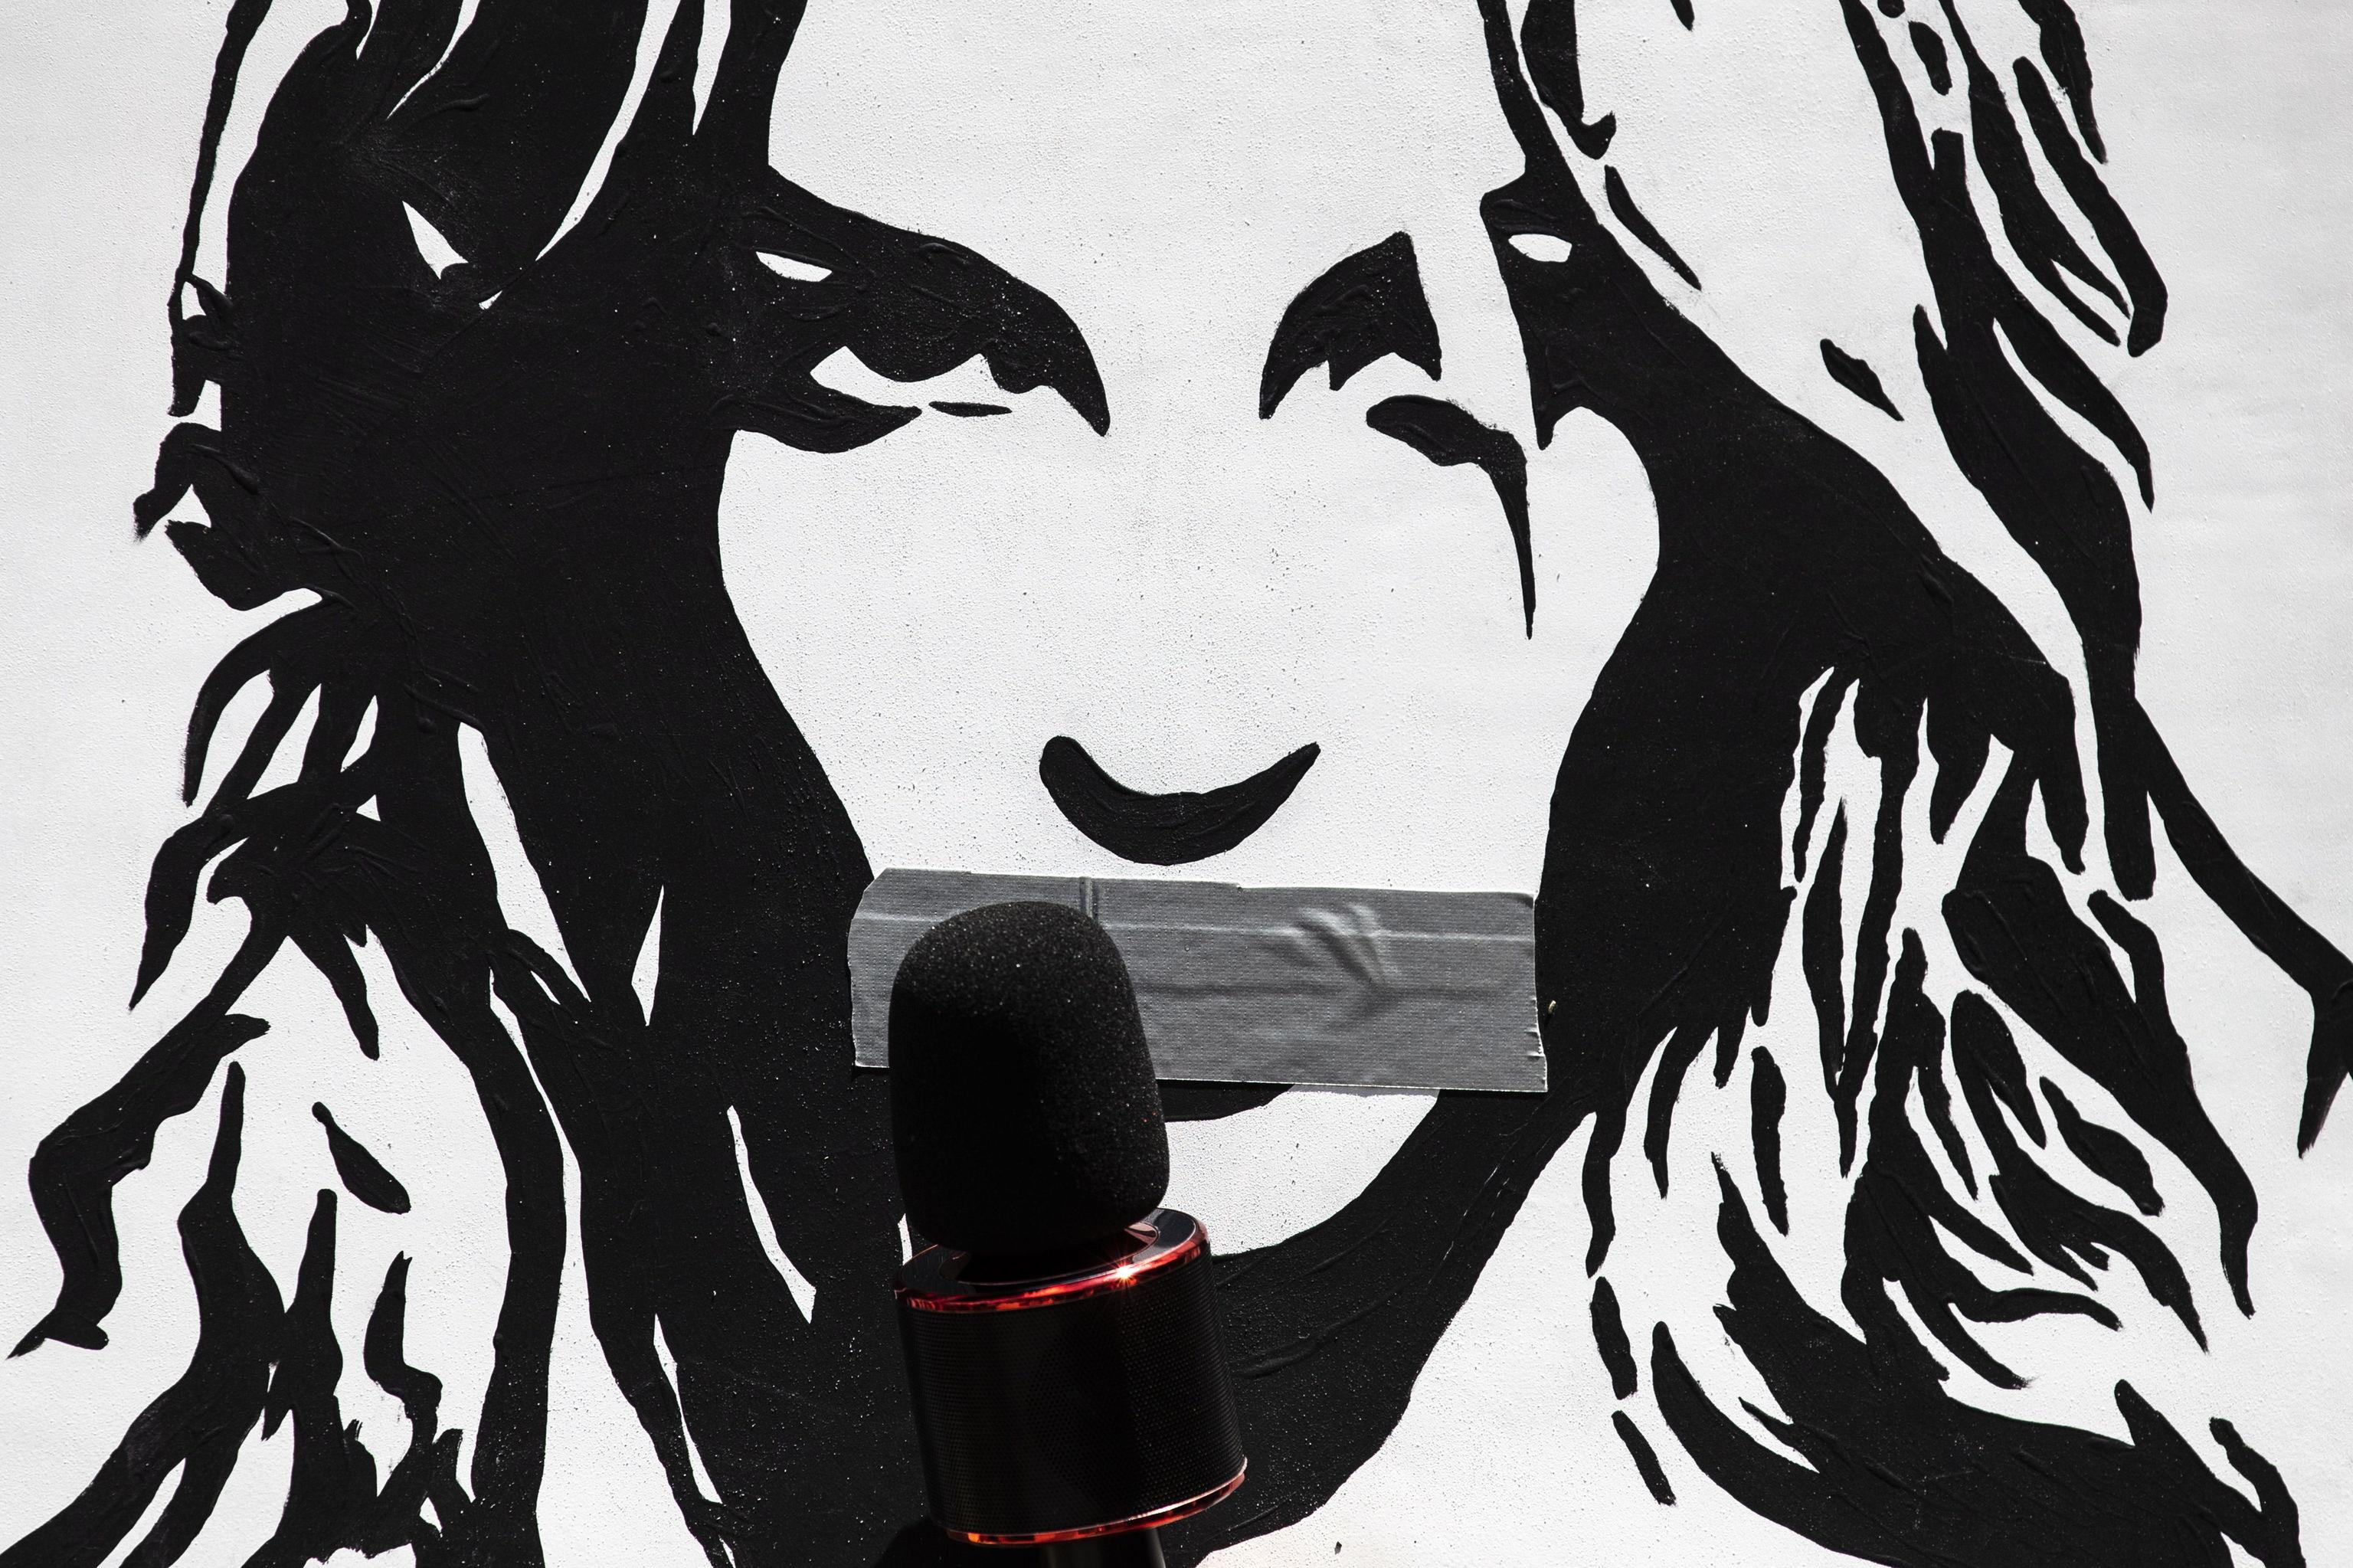 Imagen icono del movimiento #FreeBritney